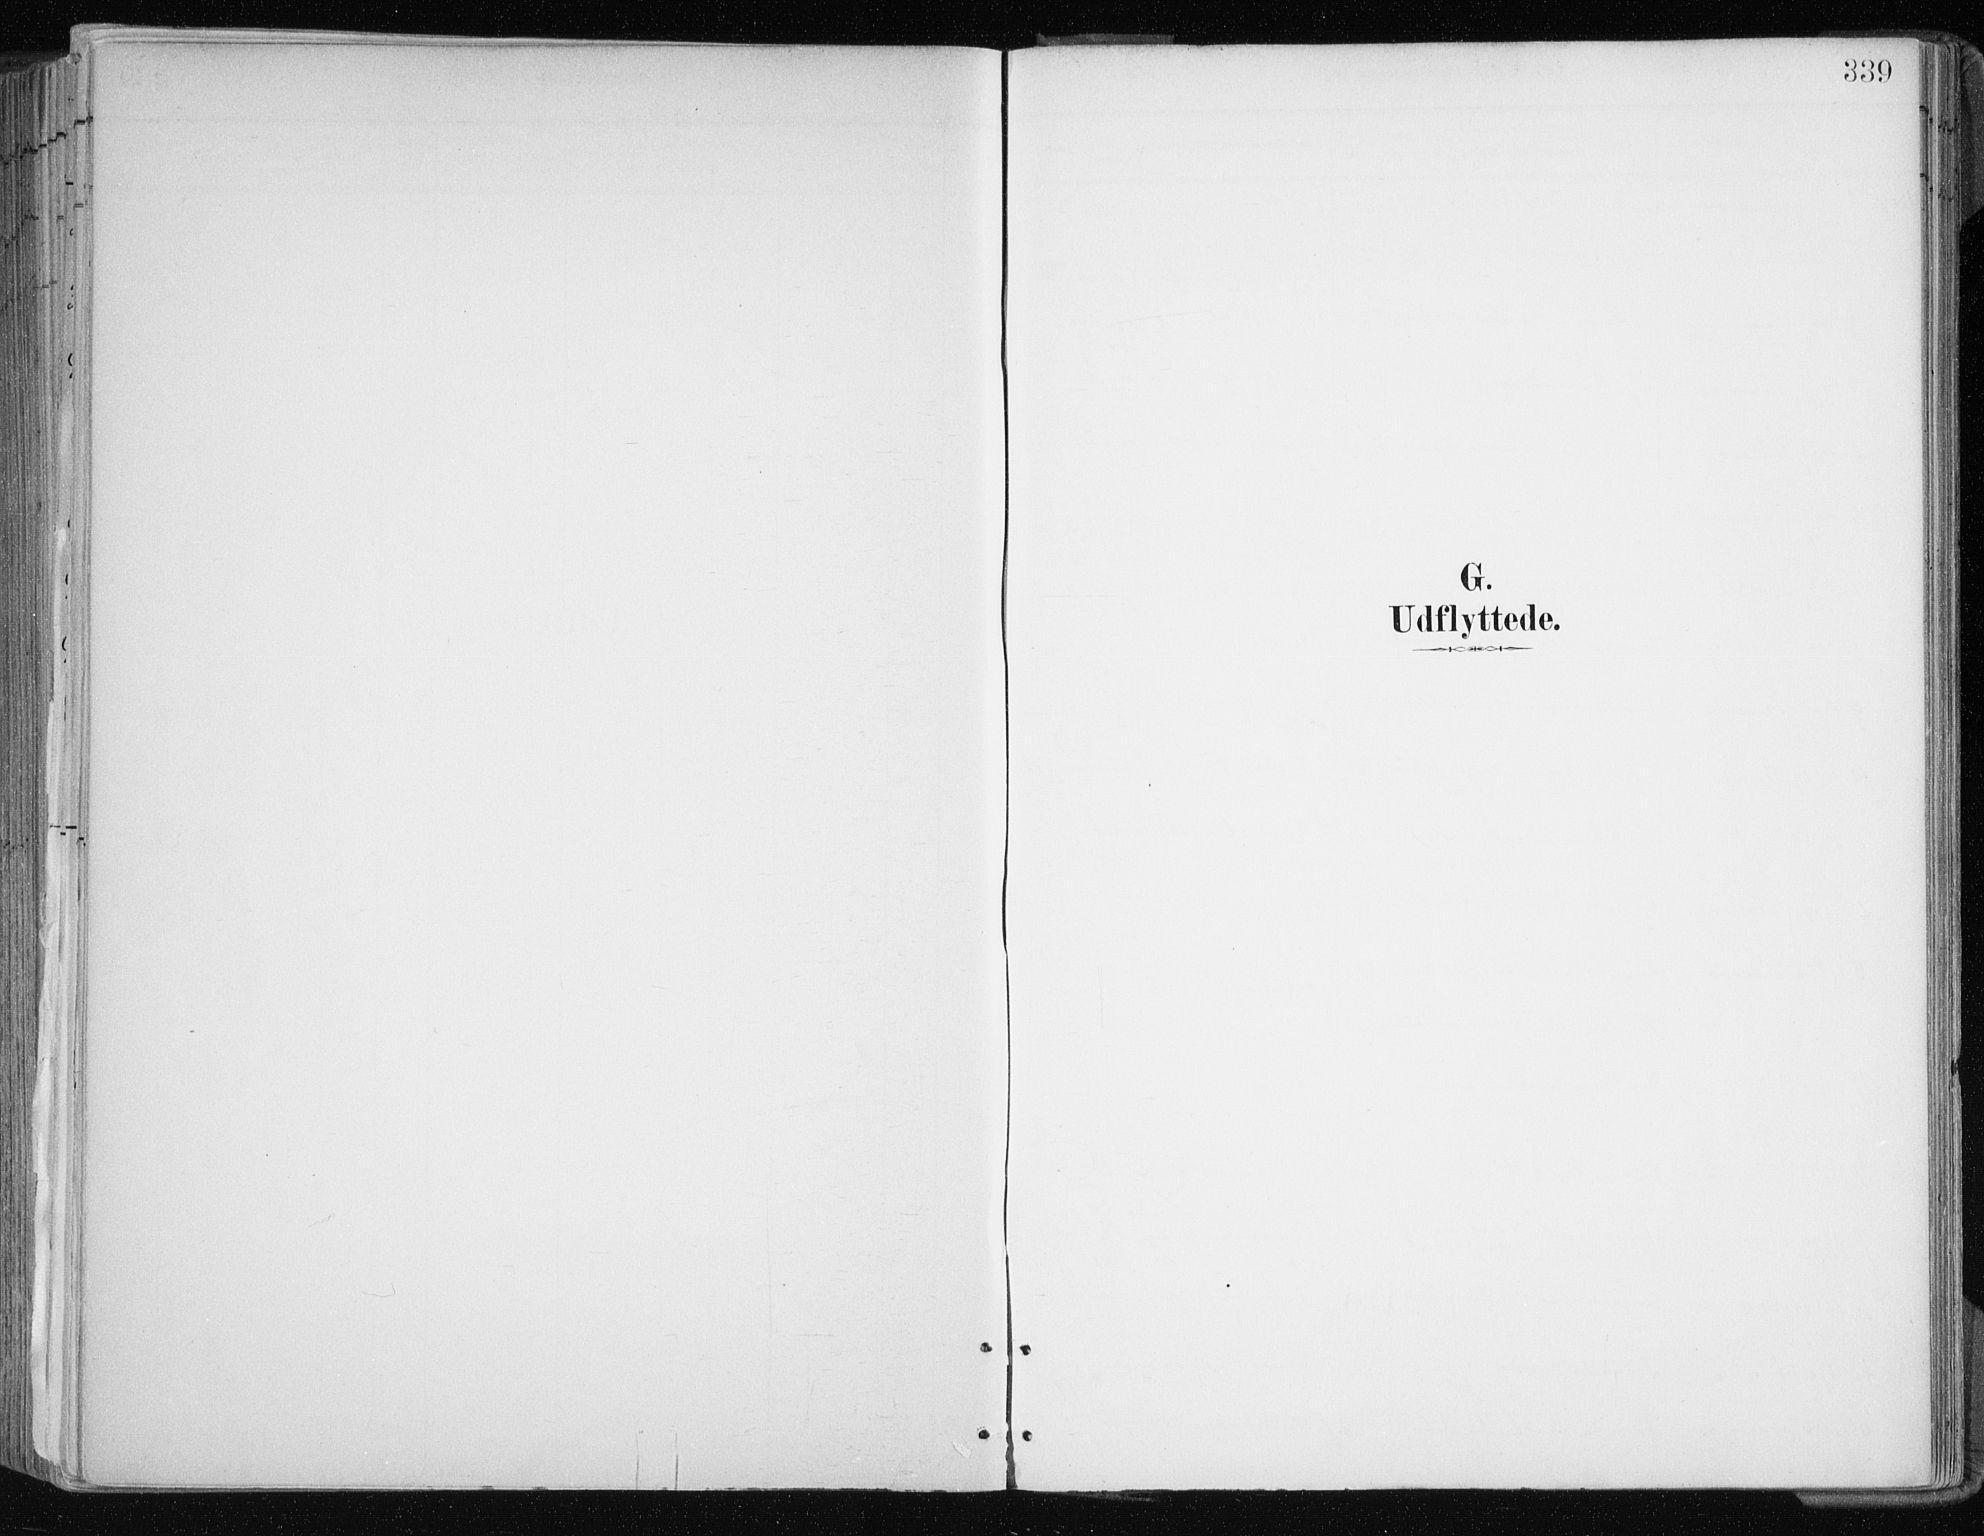 SATØ, Tromsøysund sokneprestkontor, G/Ga/L0005kirke: Ministerialbok nr. 5, 1888-1896, s. 339